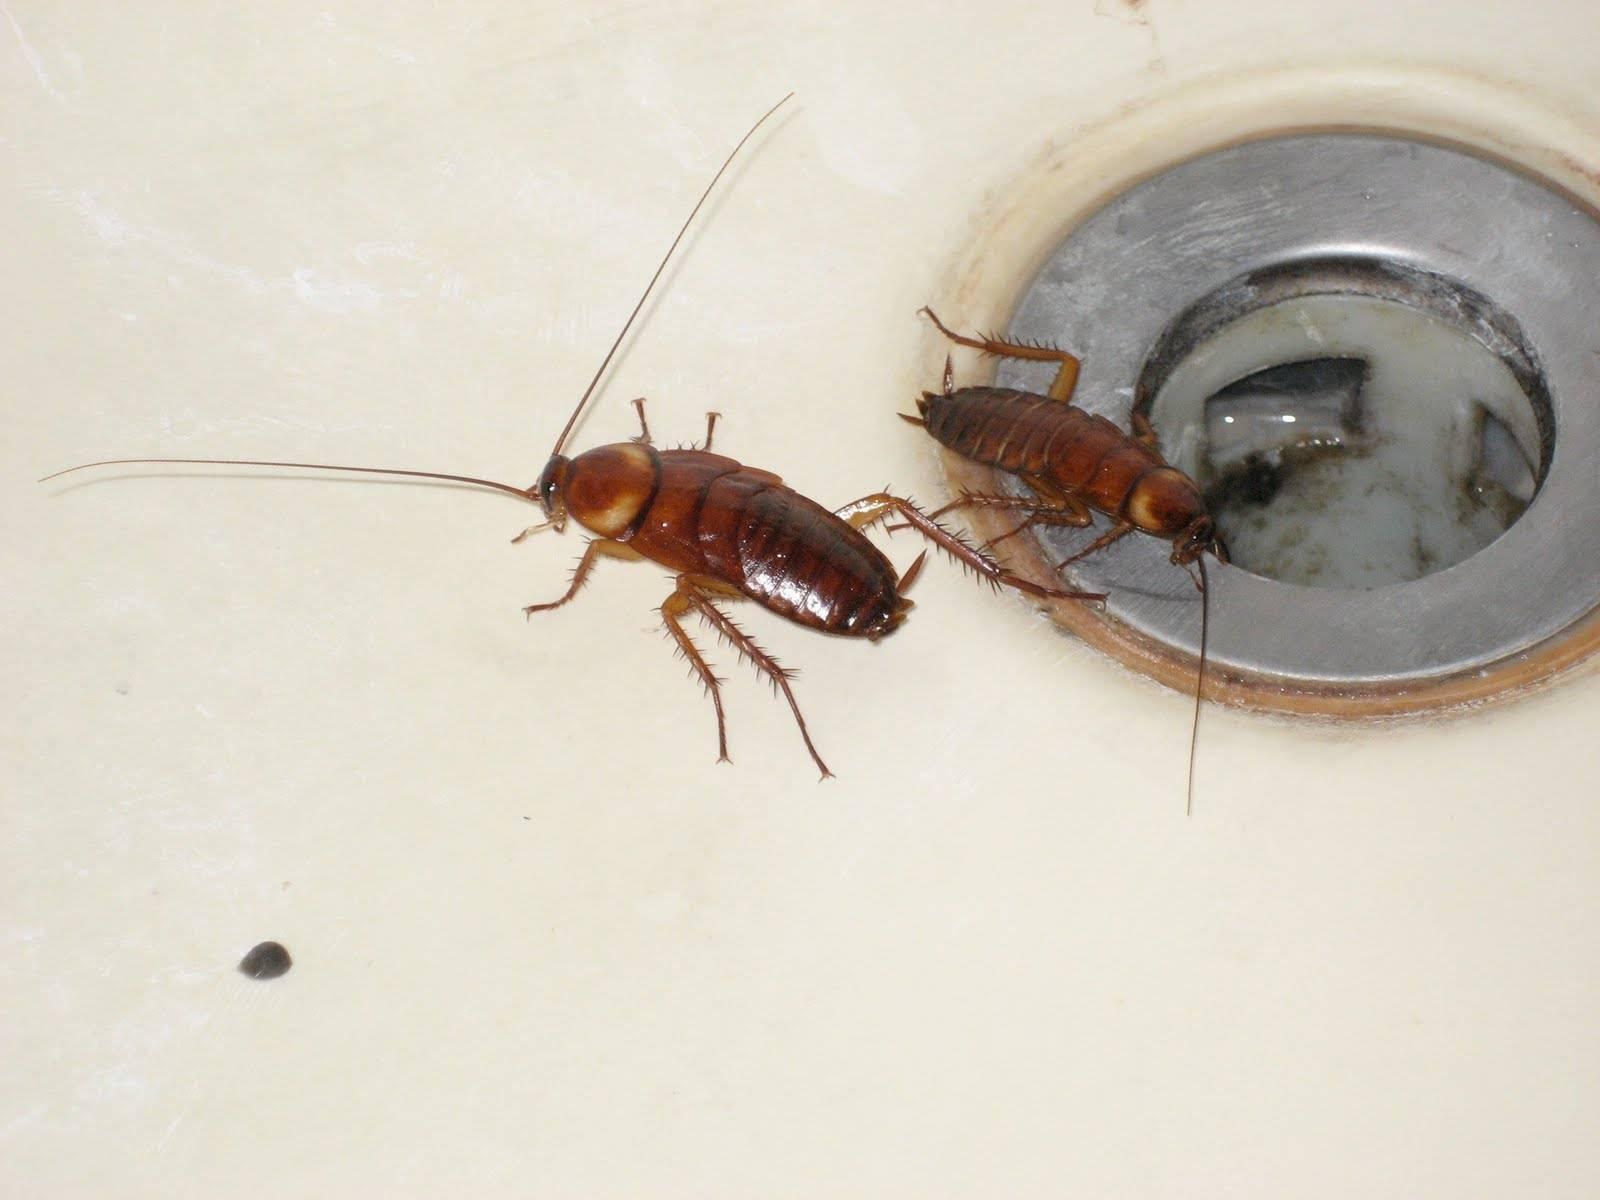 Тараканы: чем питаются, особенности ротового аппарата, что едят в квартире и сколько живут без еды